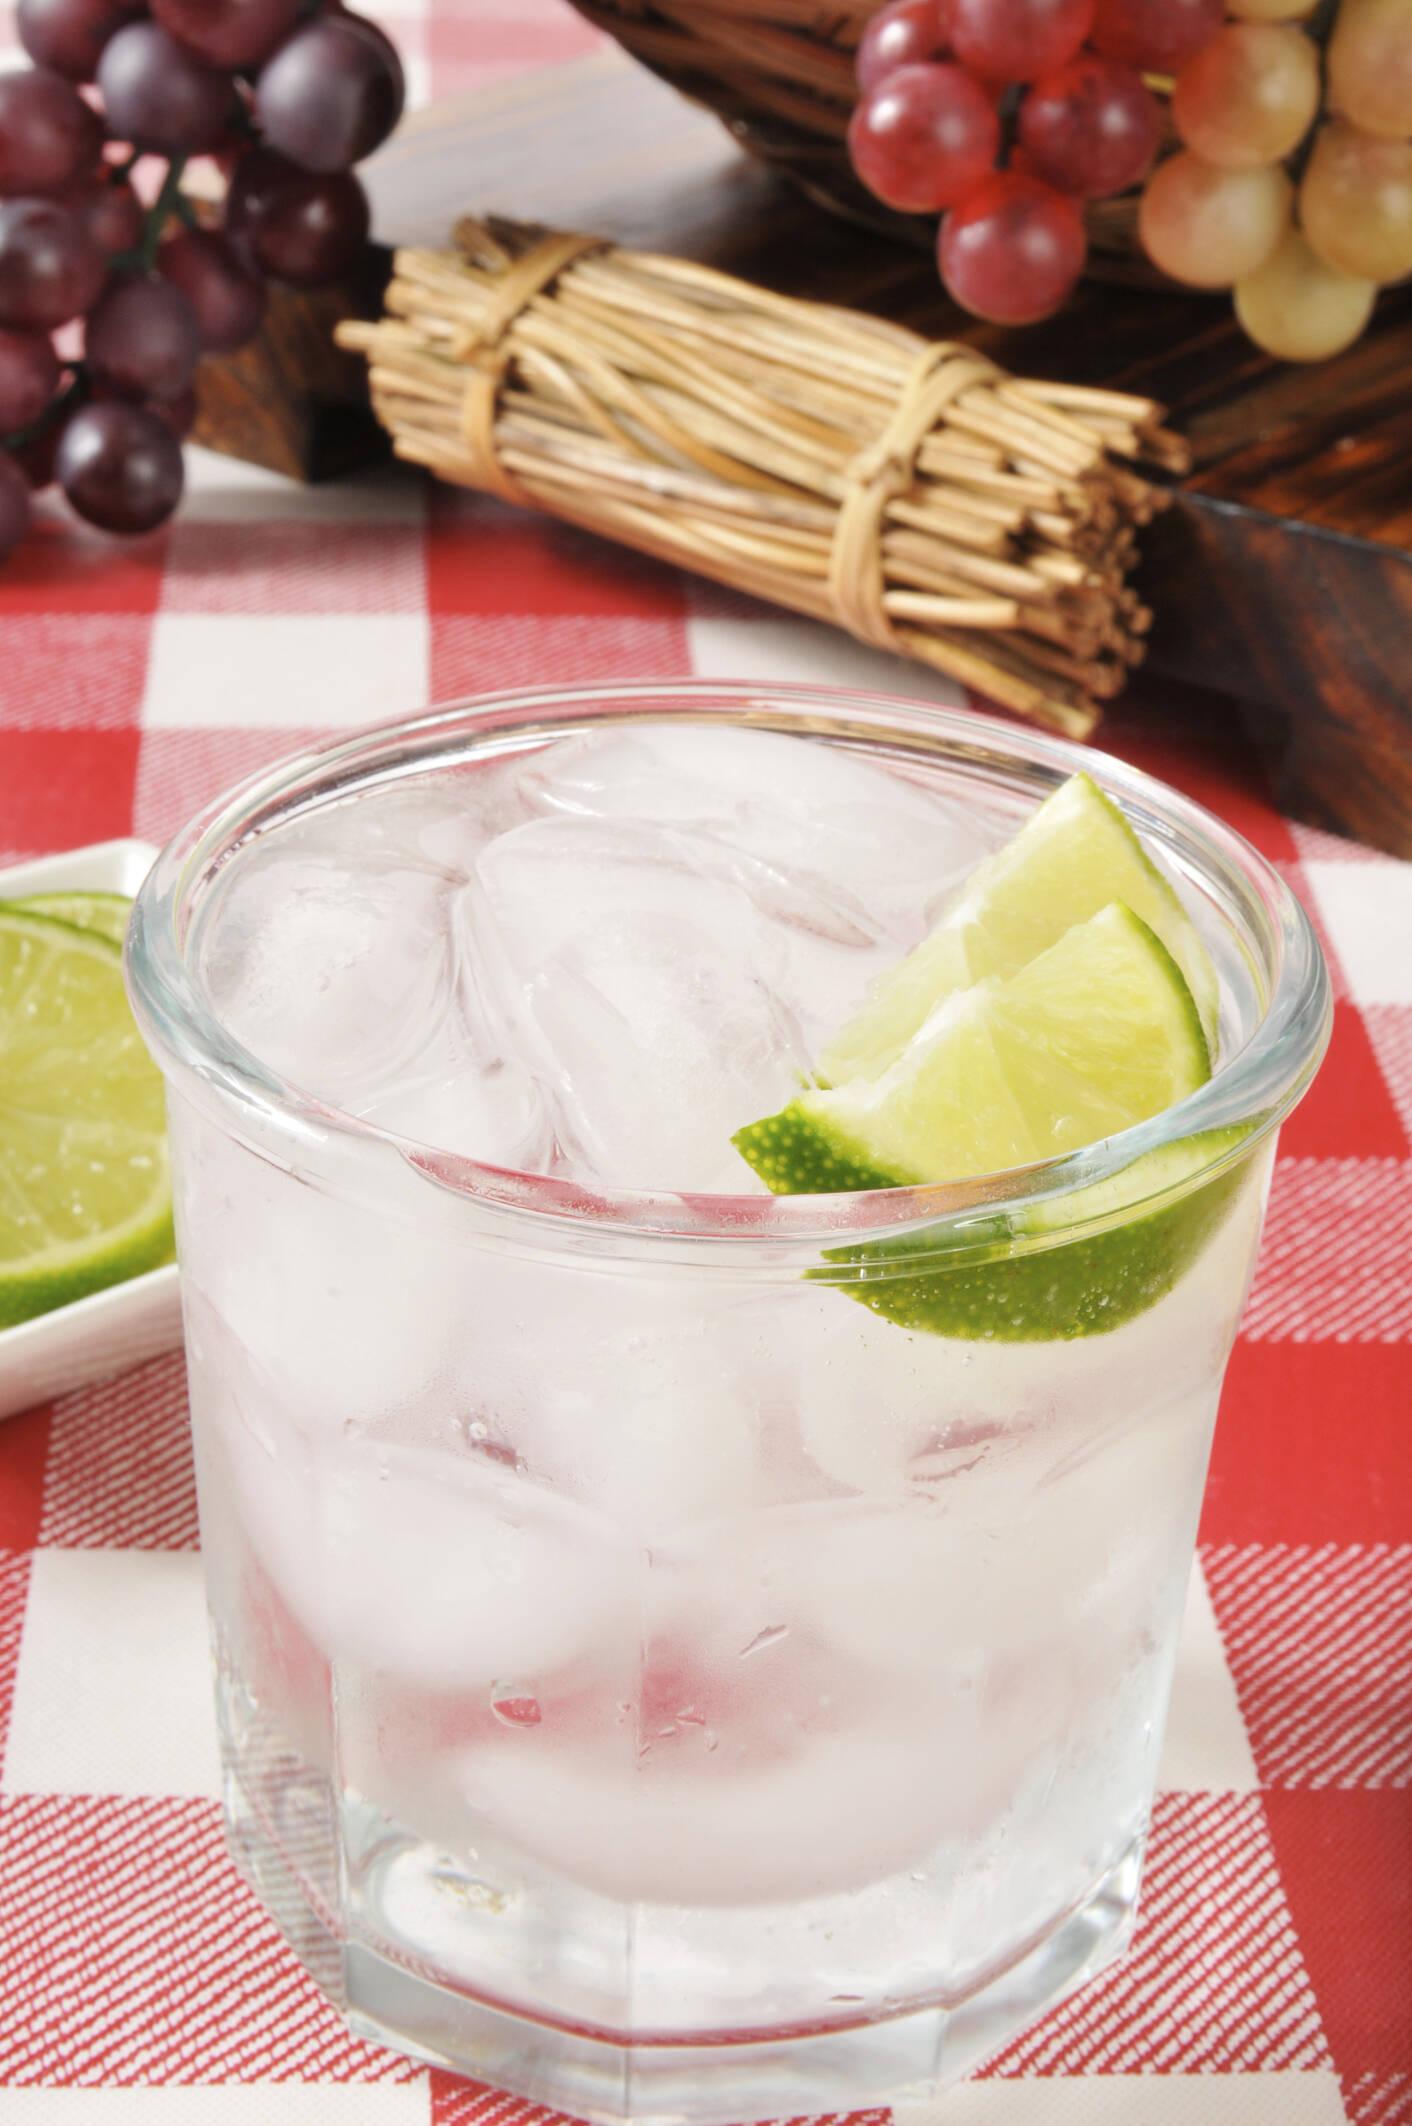 Refrigerante de limão: estimula a produção da enzima ALDH, que metaboliza o álcool ingerido, além de conter água e açúcar, que sempre ajudam. Foto: Thinkstock/Getty Images